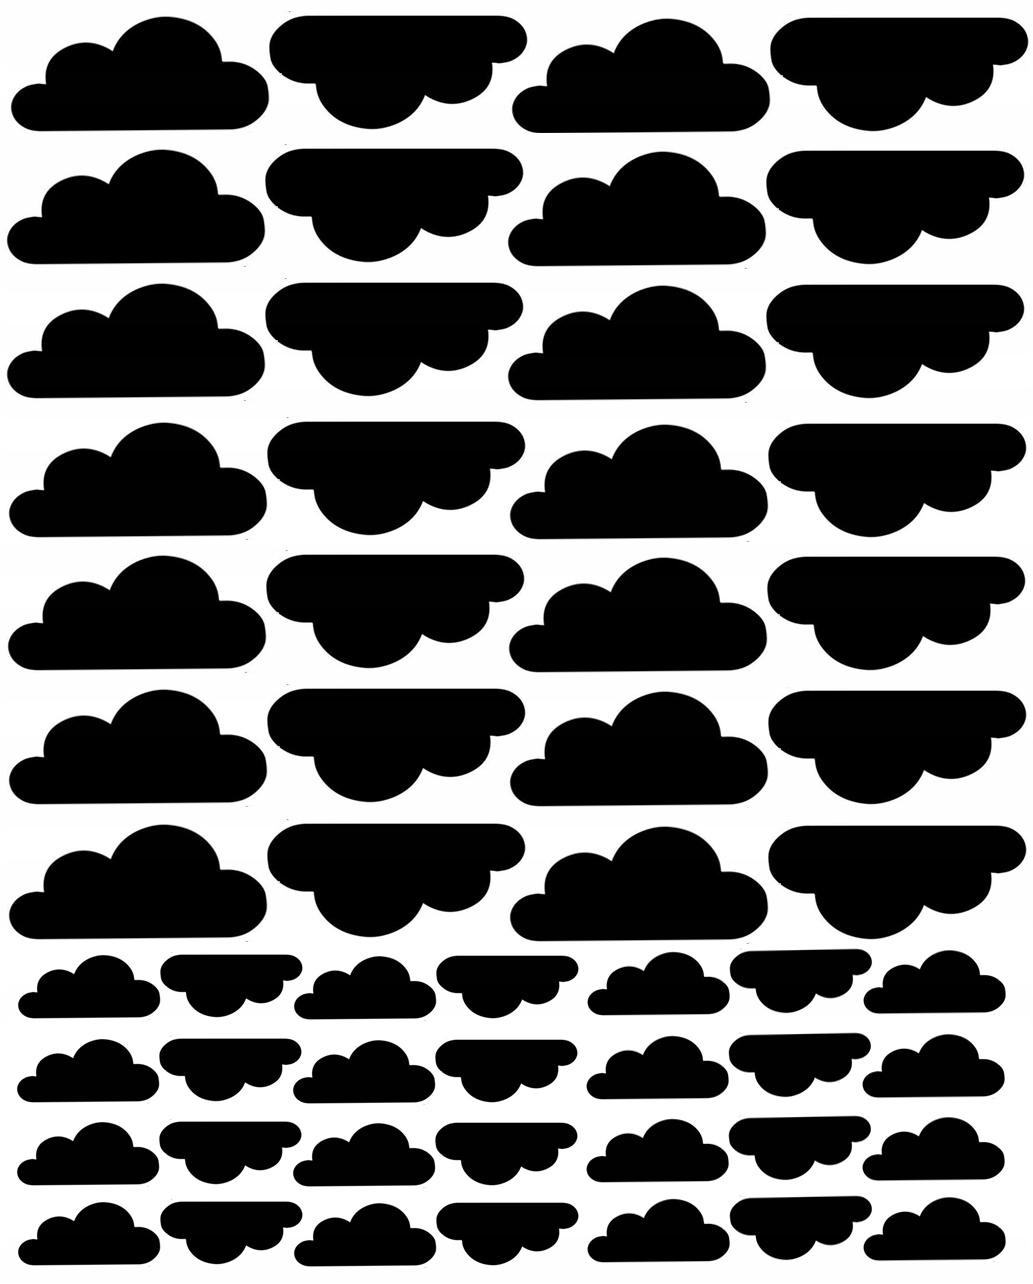 Настенные наклейки облака мебель 56 шт.